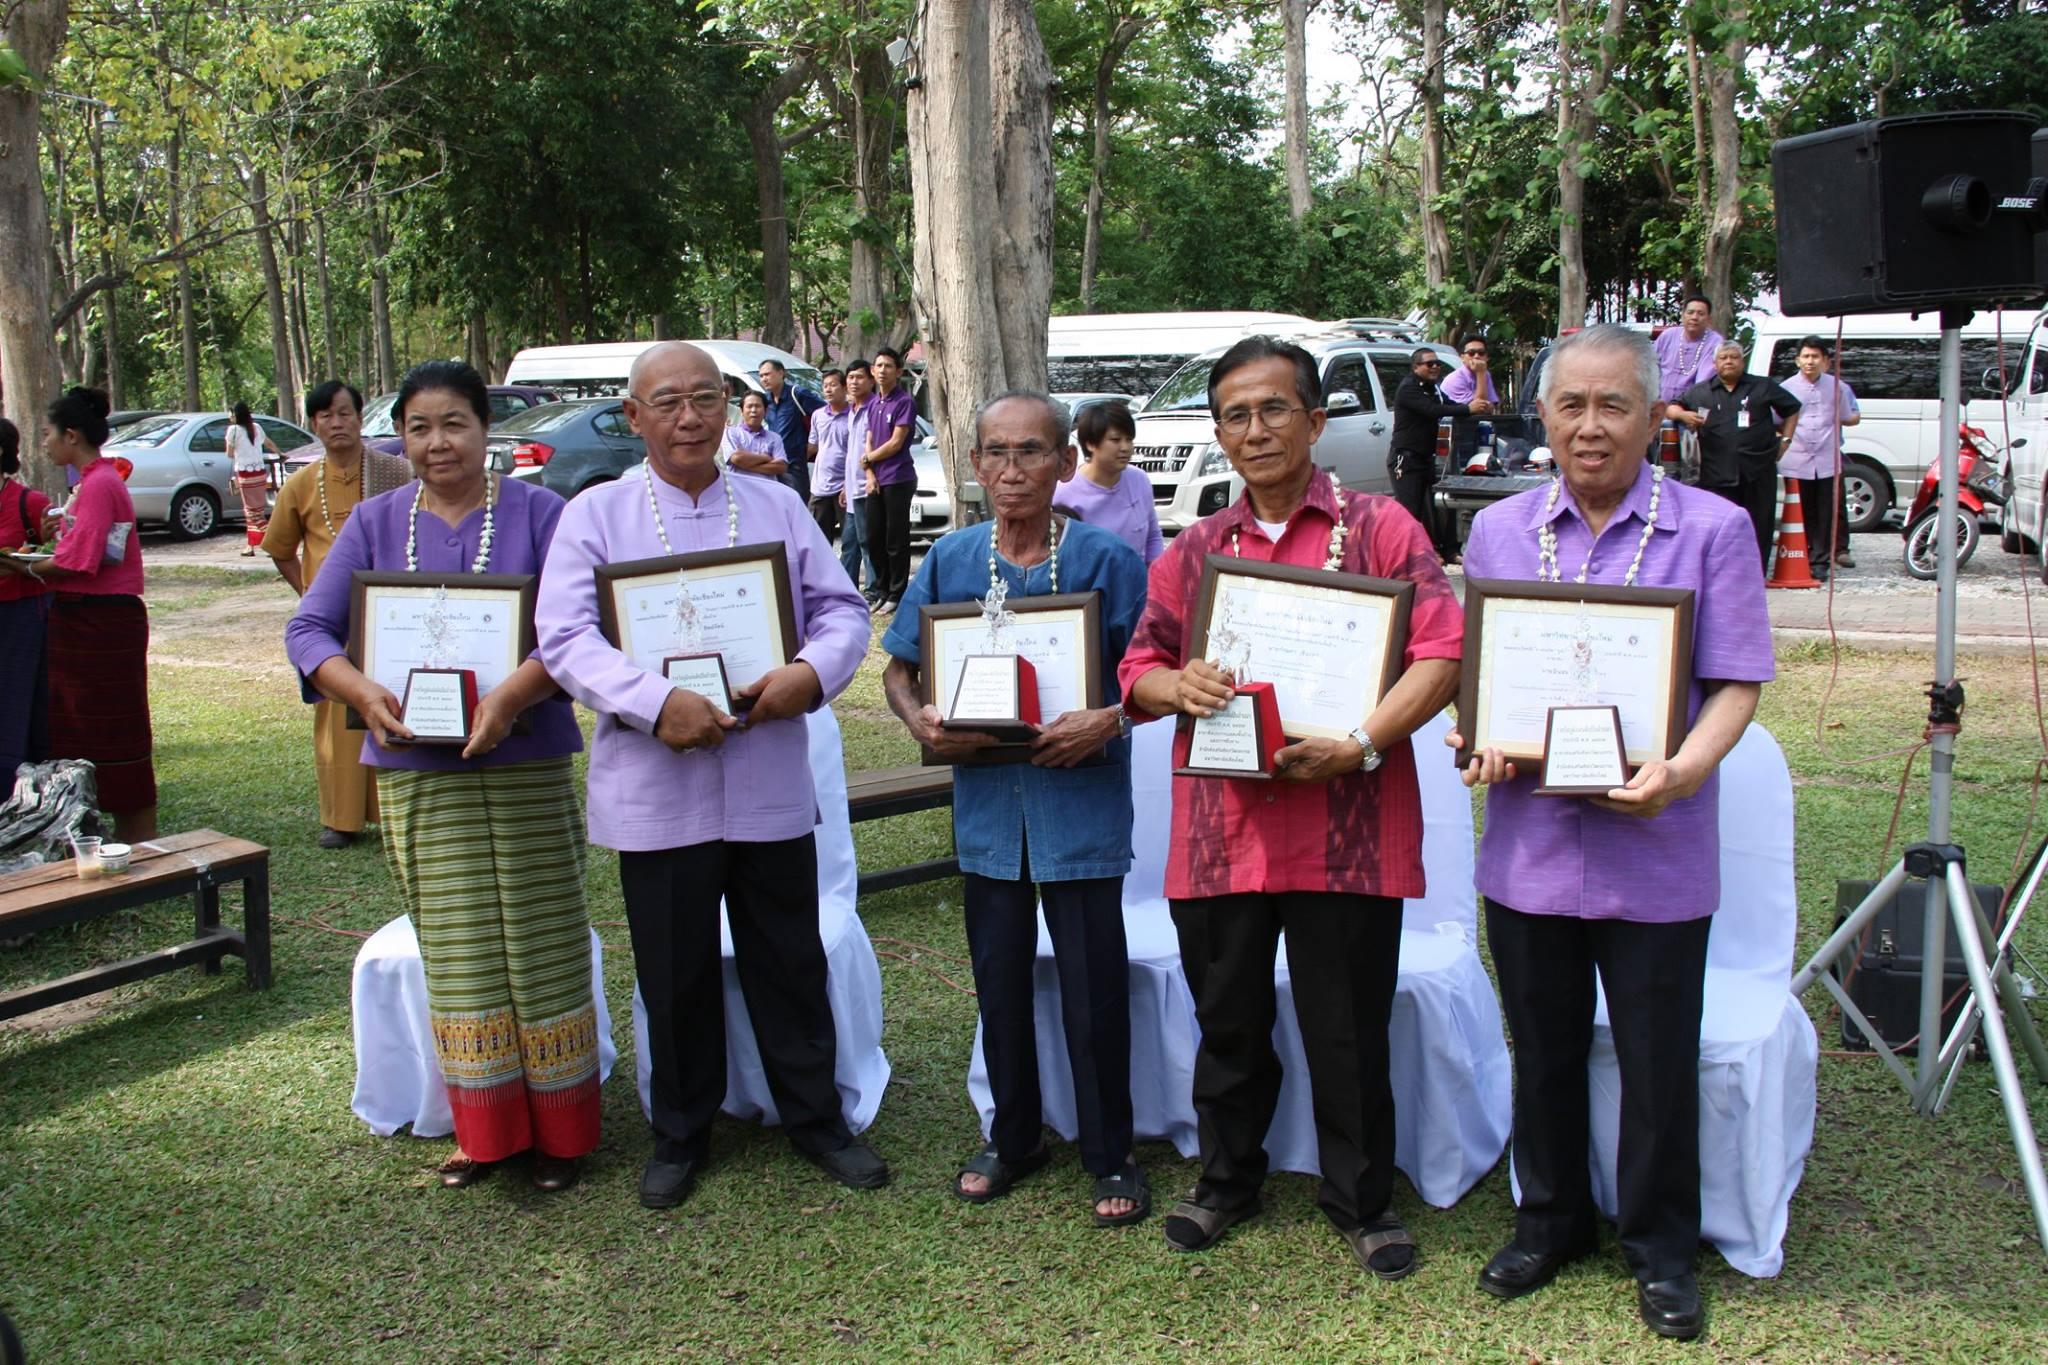 พิธีมอบรางวัลภูมิแผ่นดิน ปิ่นล้านนา ประจำปี 2557 เมื่อวันที่ 24 เมษายน 2558